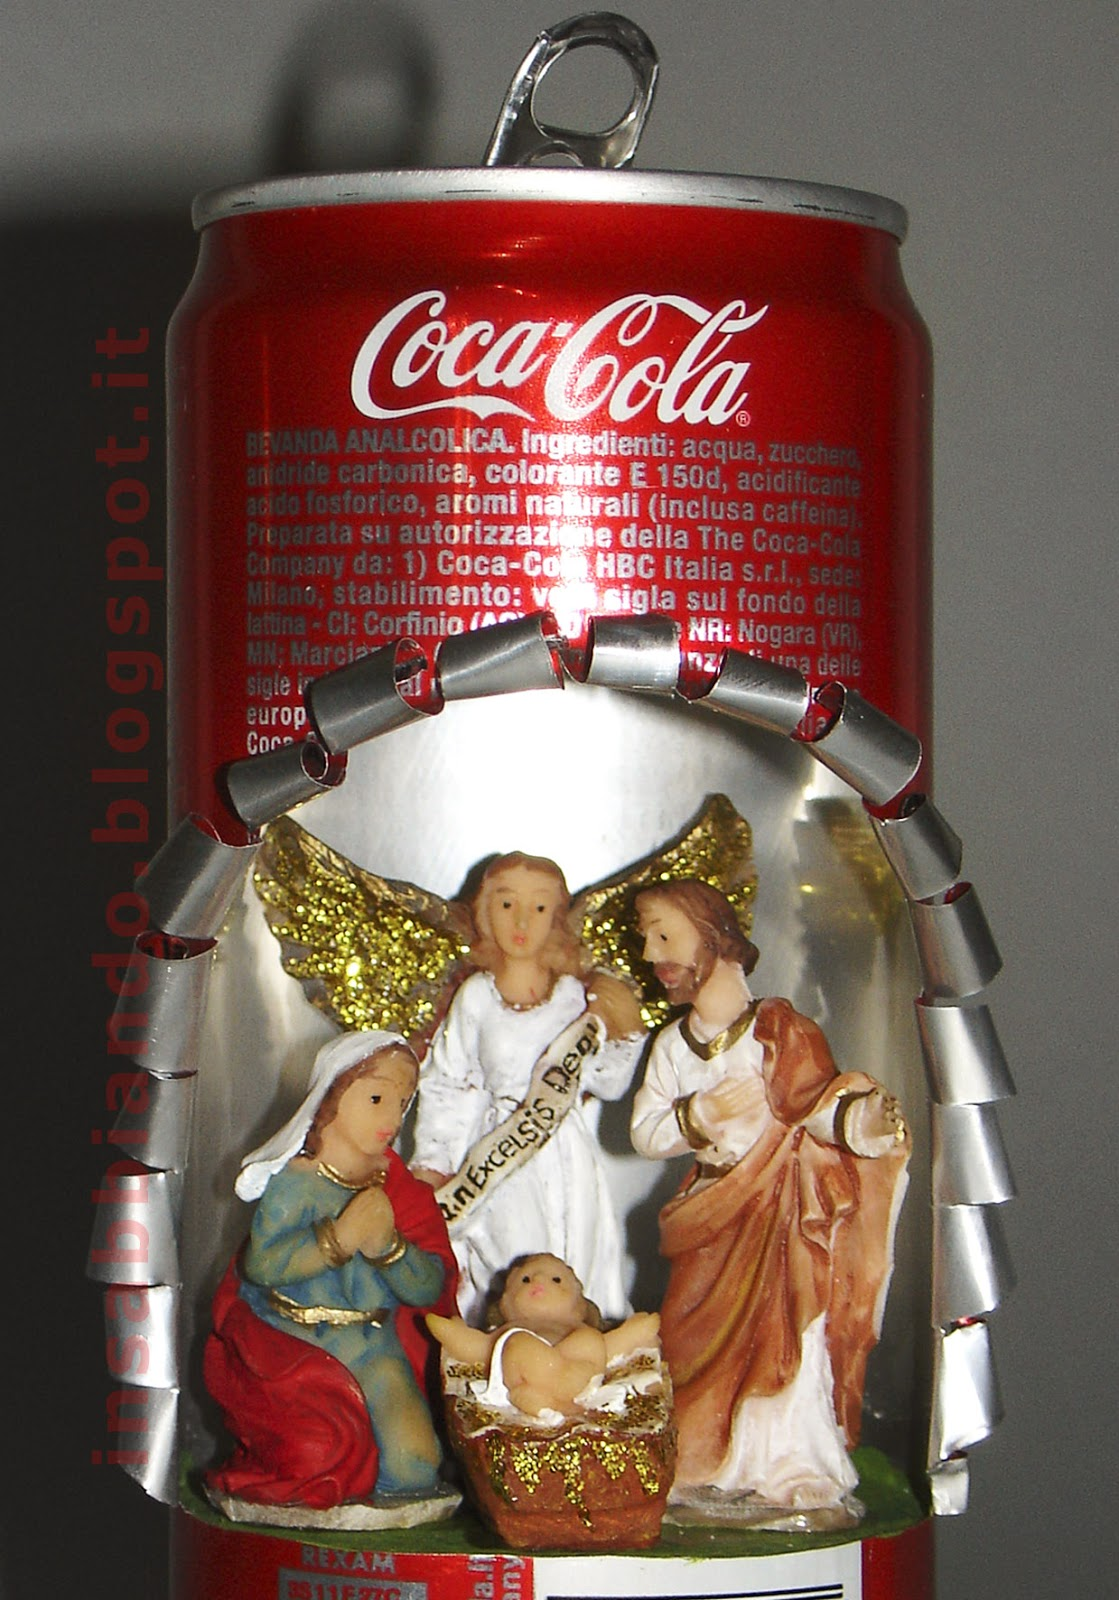 Insabbiando il presepe in lattina coca cola for Siti di oggetti in regalo